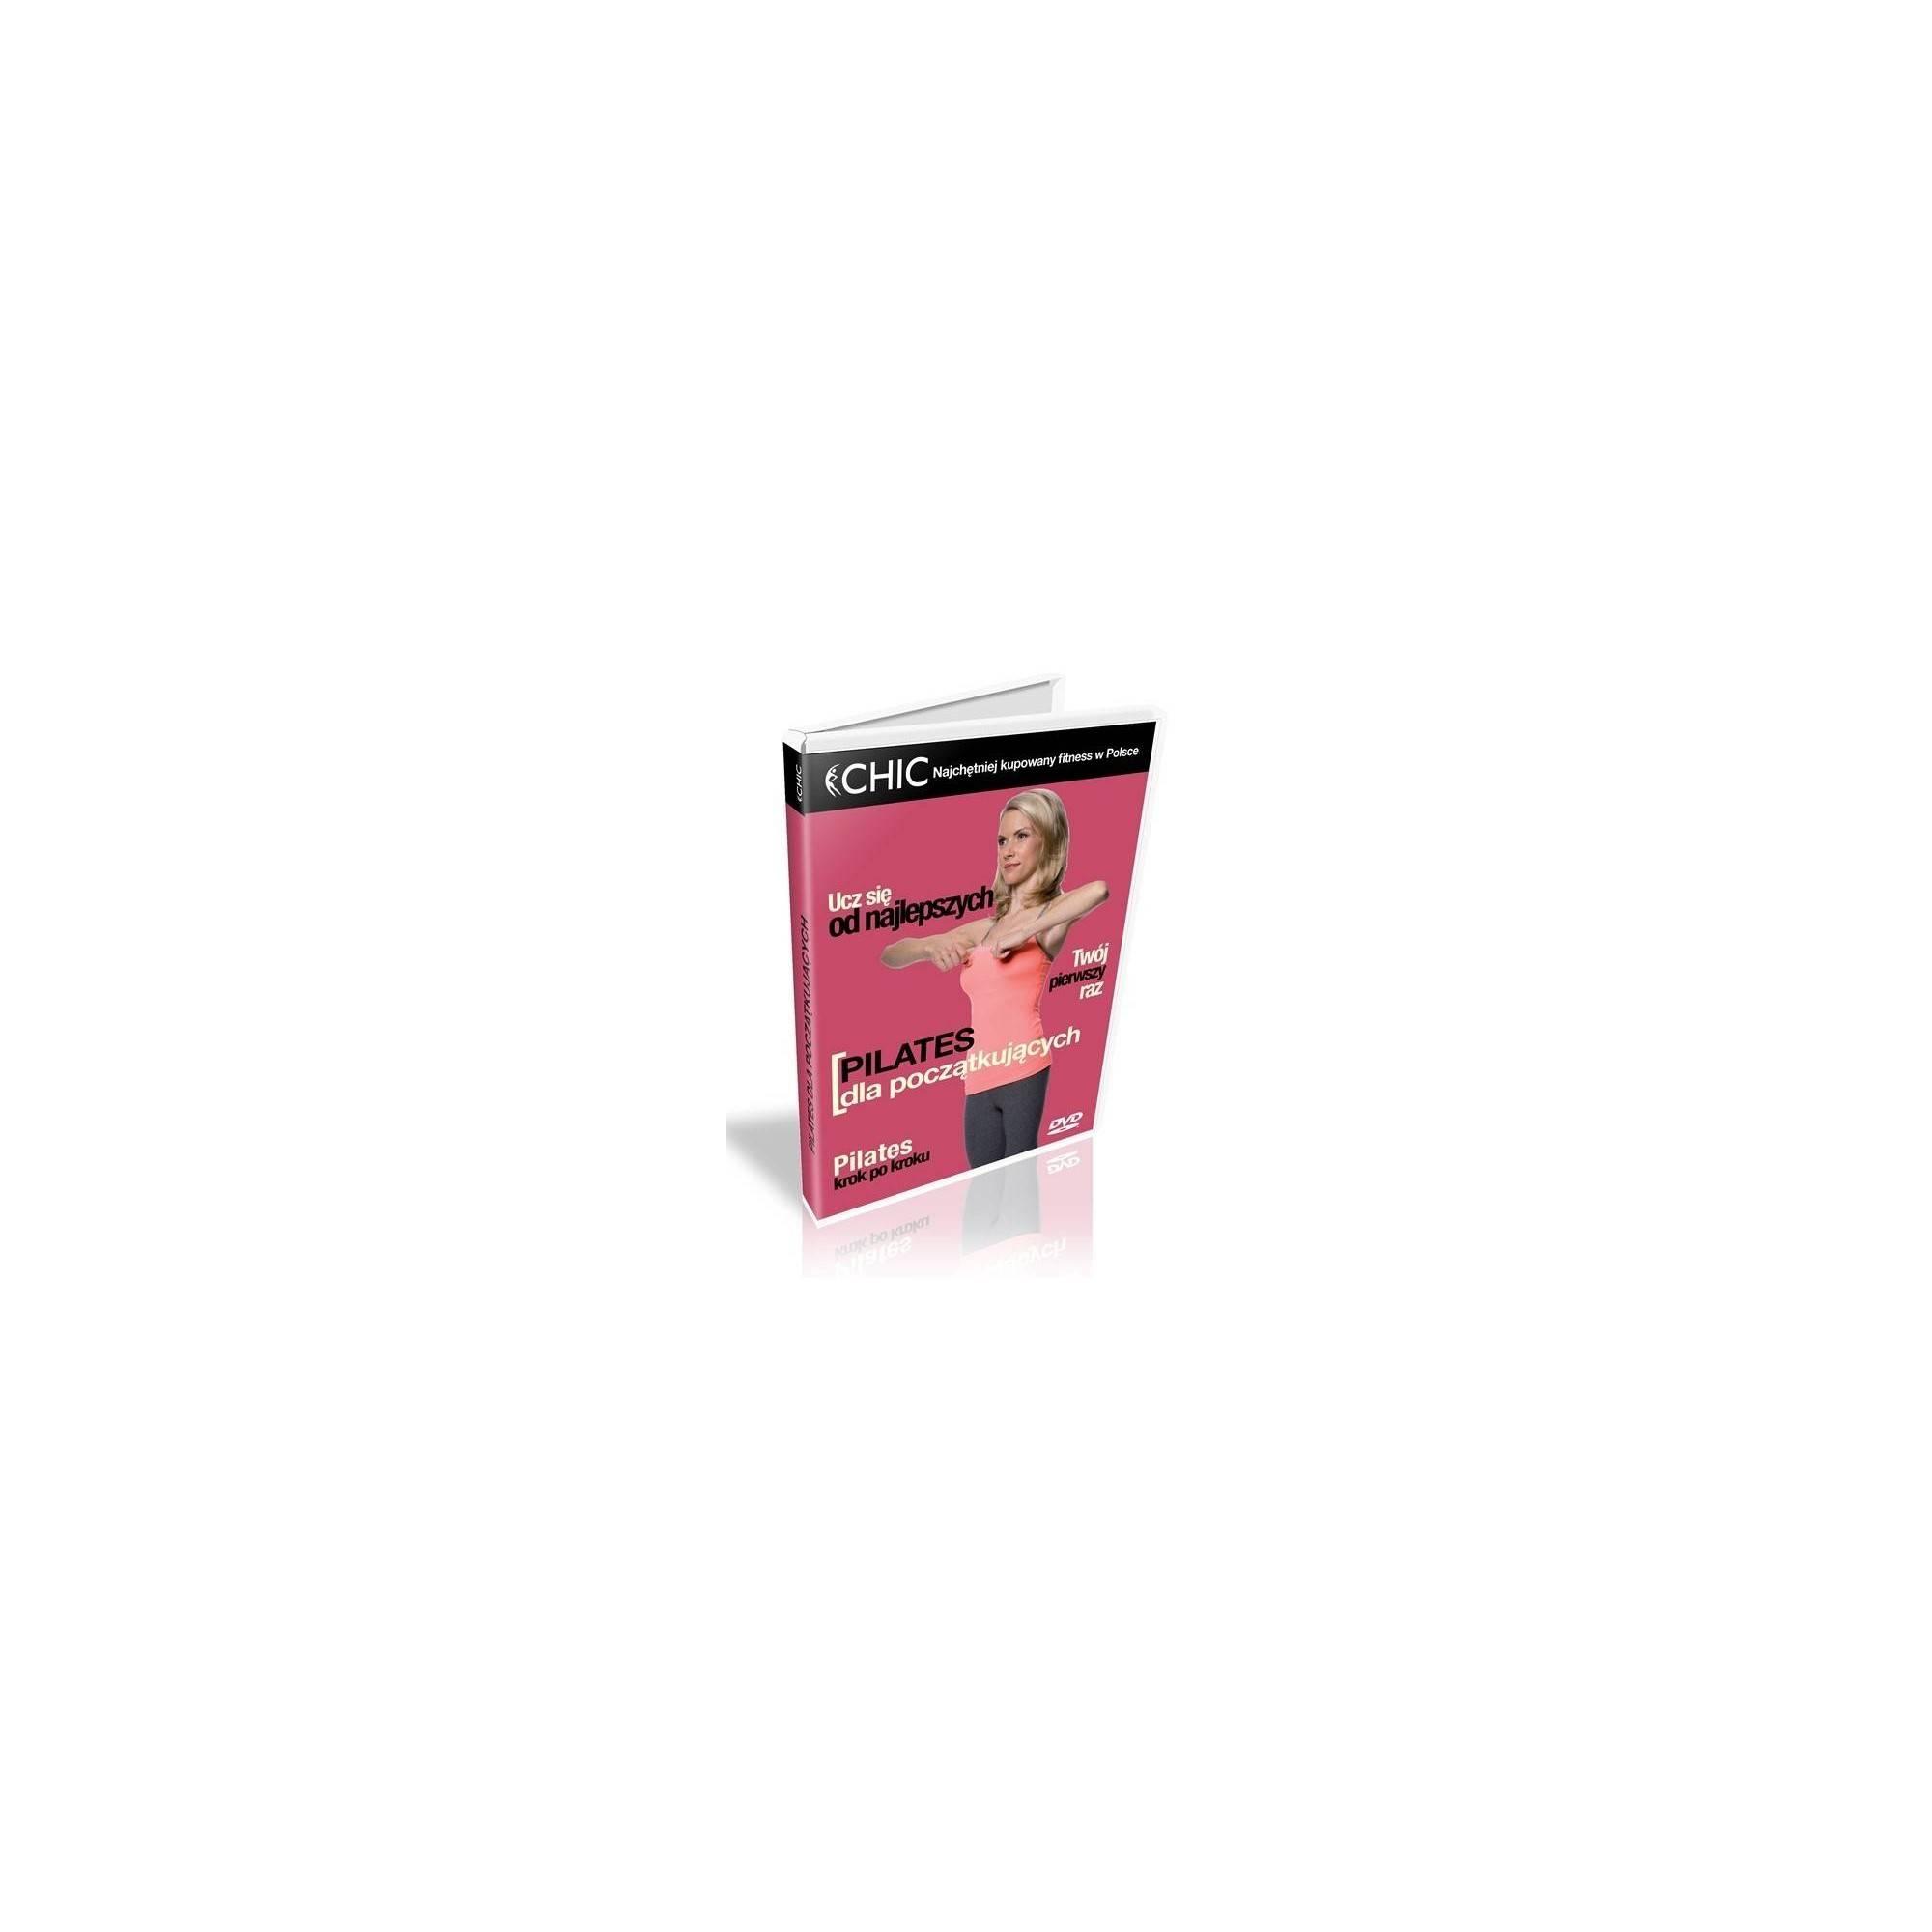 Ćwiczenia instruktażowe DVD Pilates Dla Początkujących,producent: MayFly, zdjecie photo: 1 | online shop klubfitness.pl | sprzęt